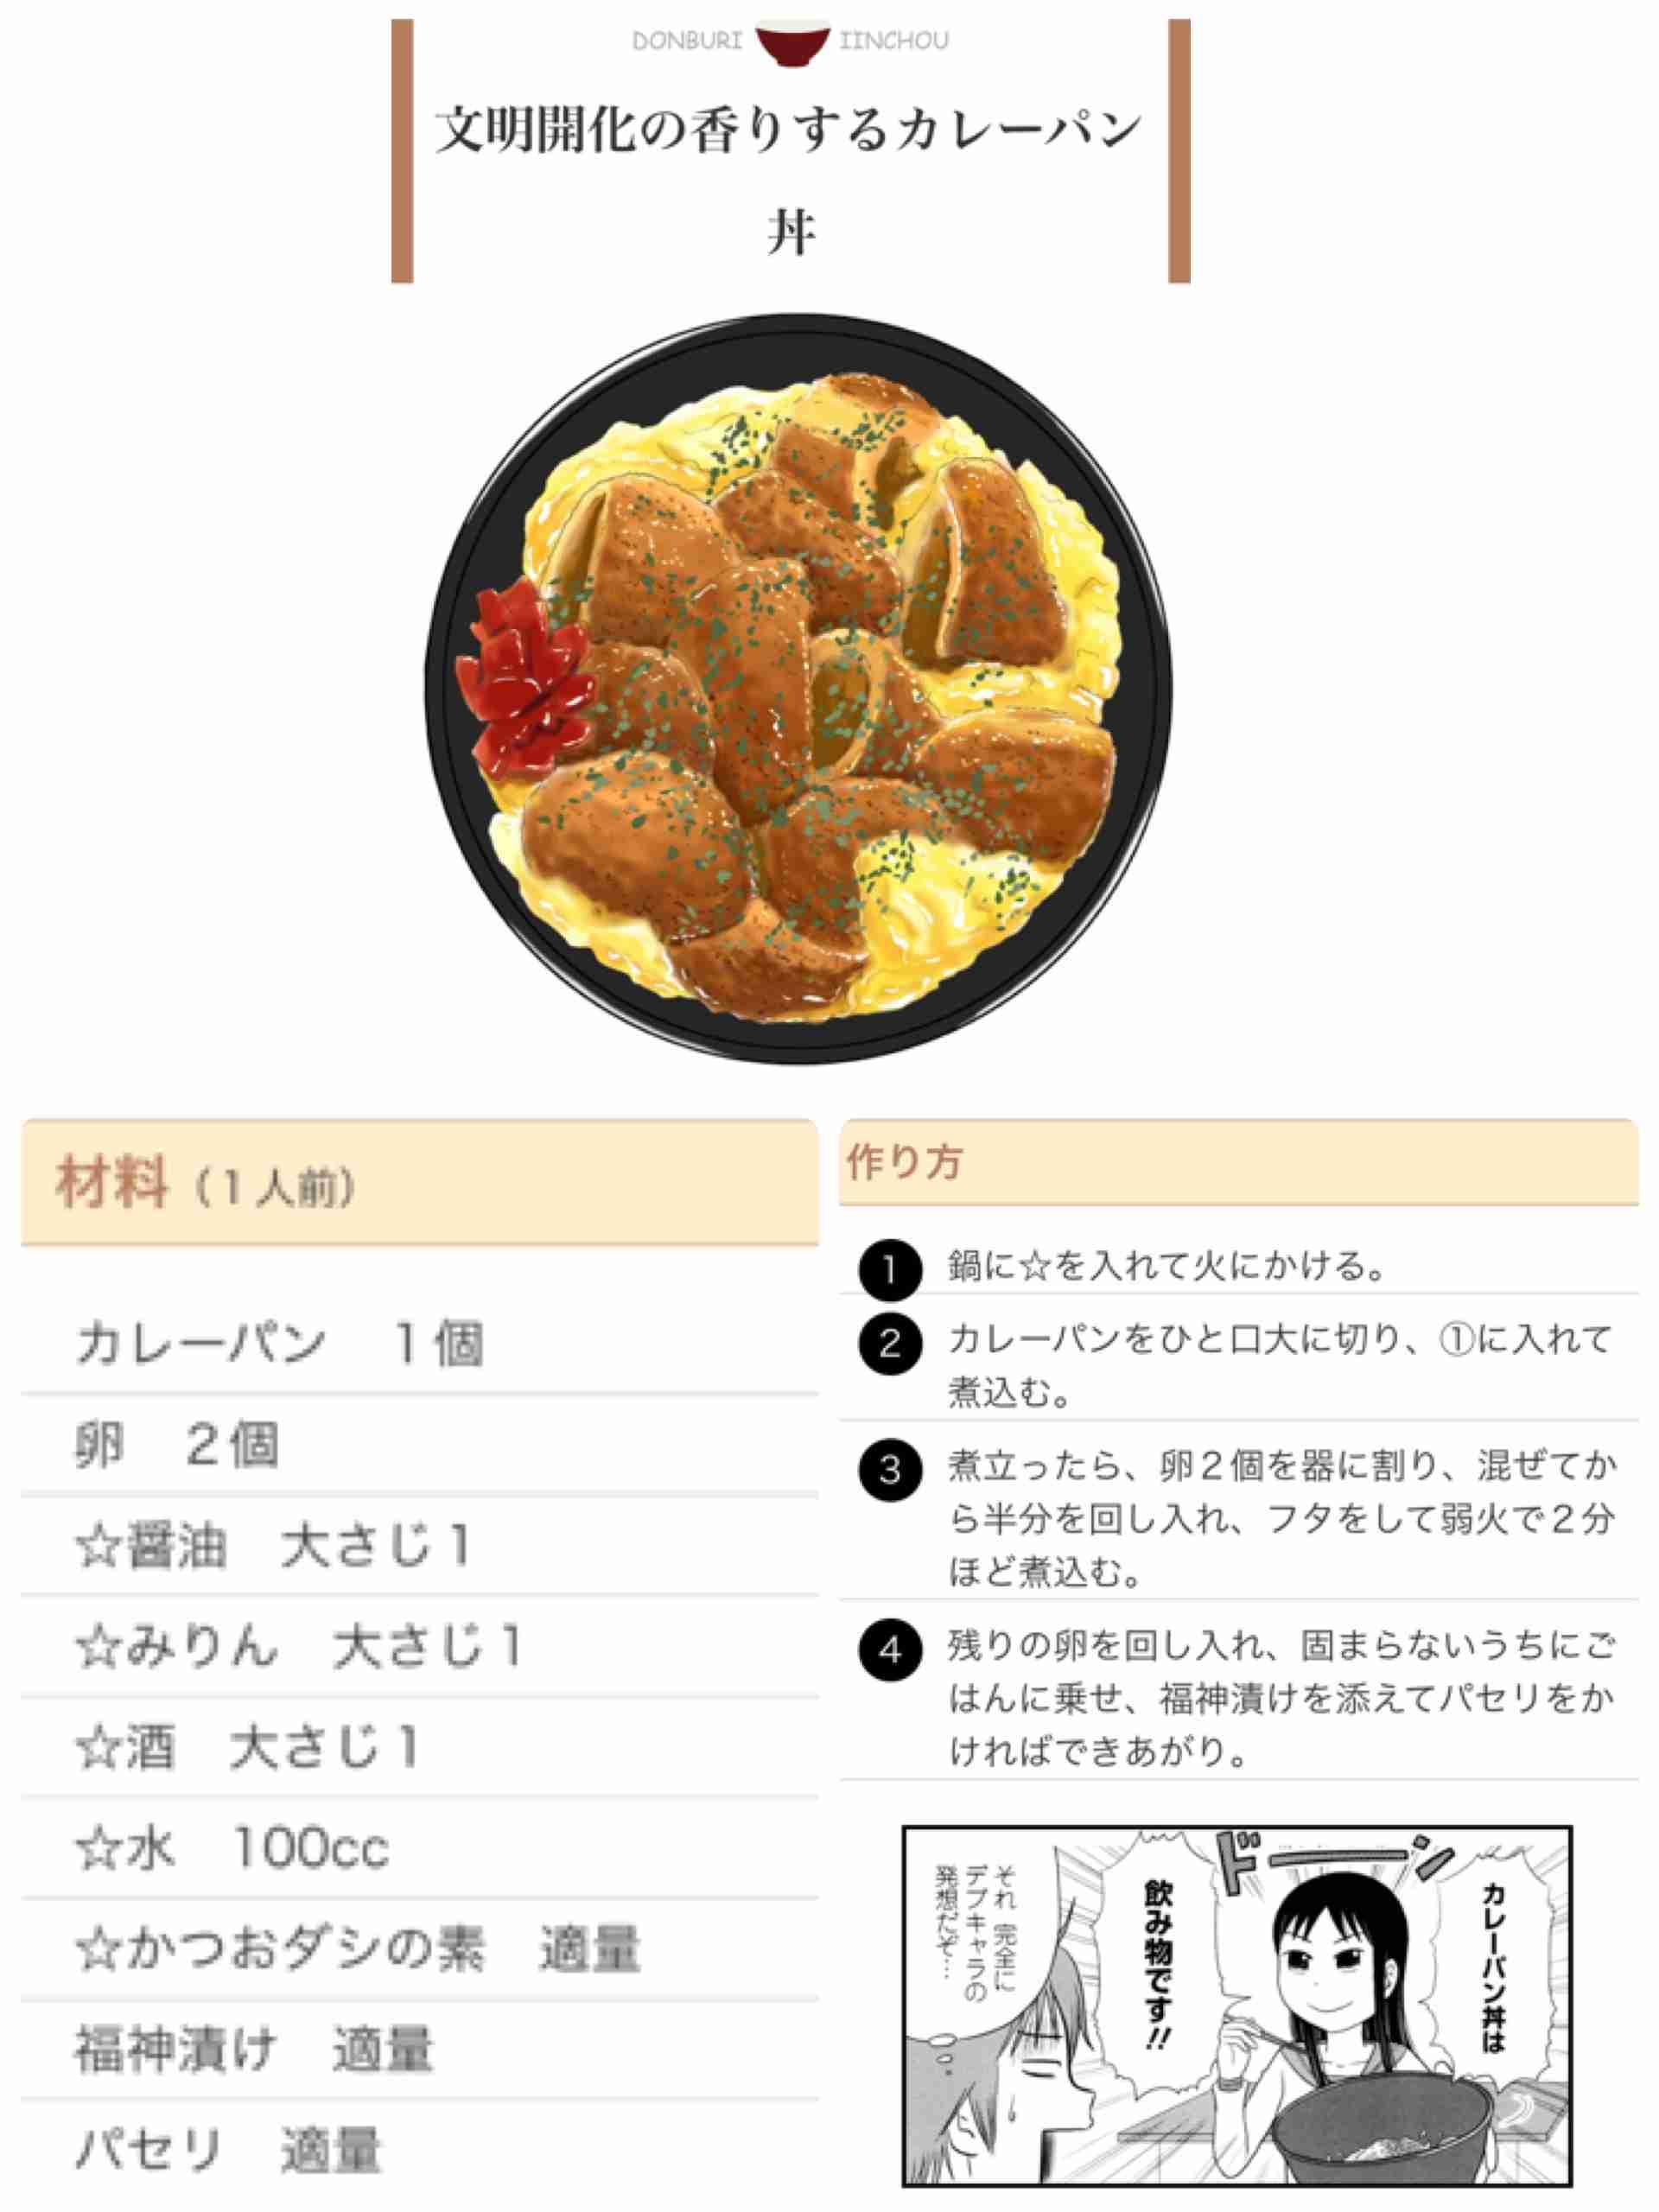 カレーパン好きが集まるトピ